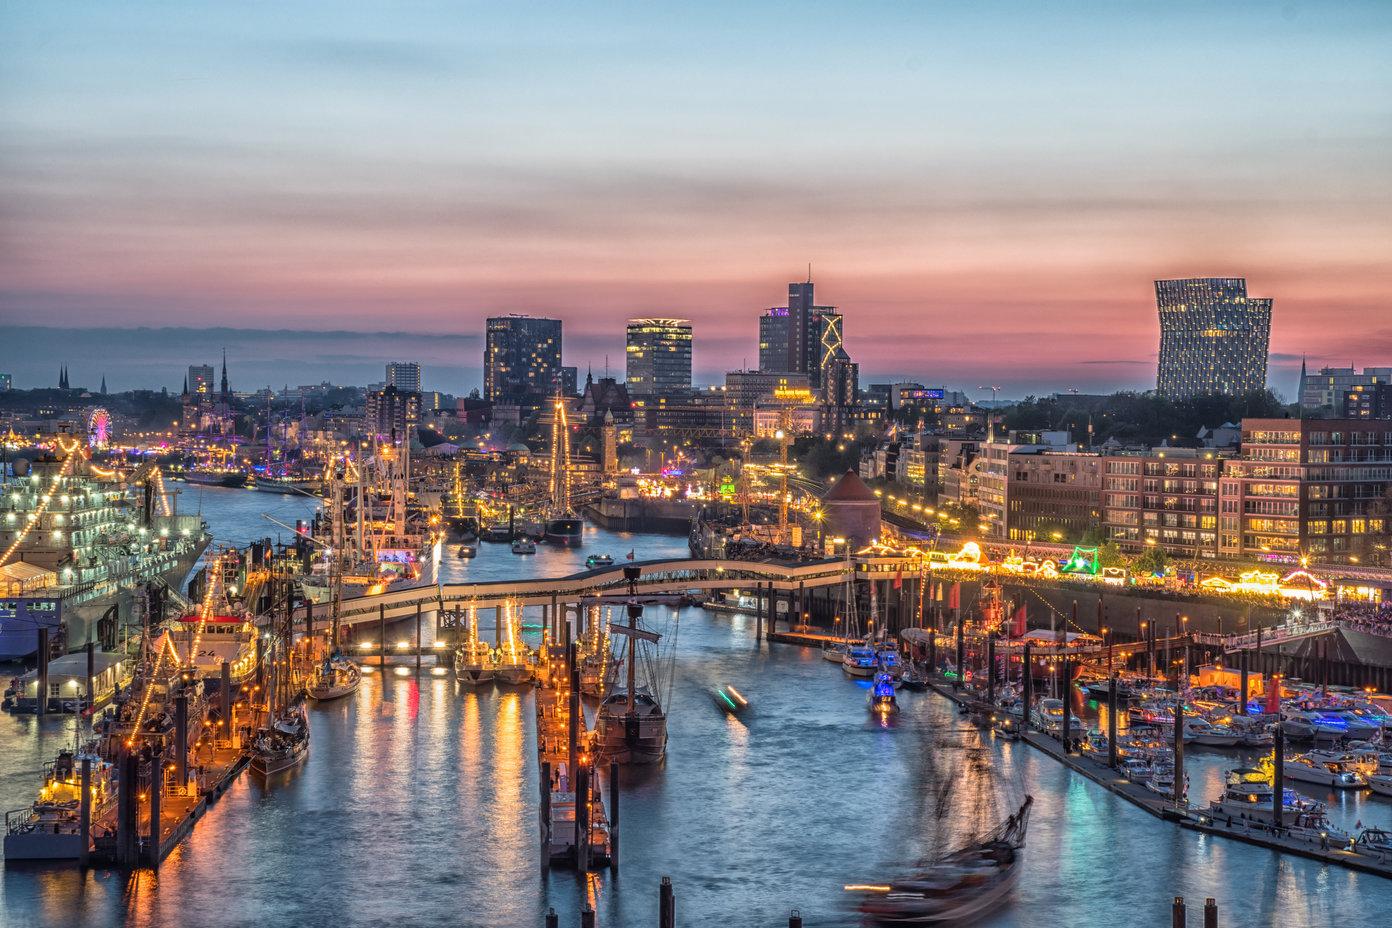 Ein Blick über den Hamburger Hafen bei Nacht.